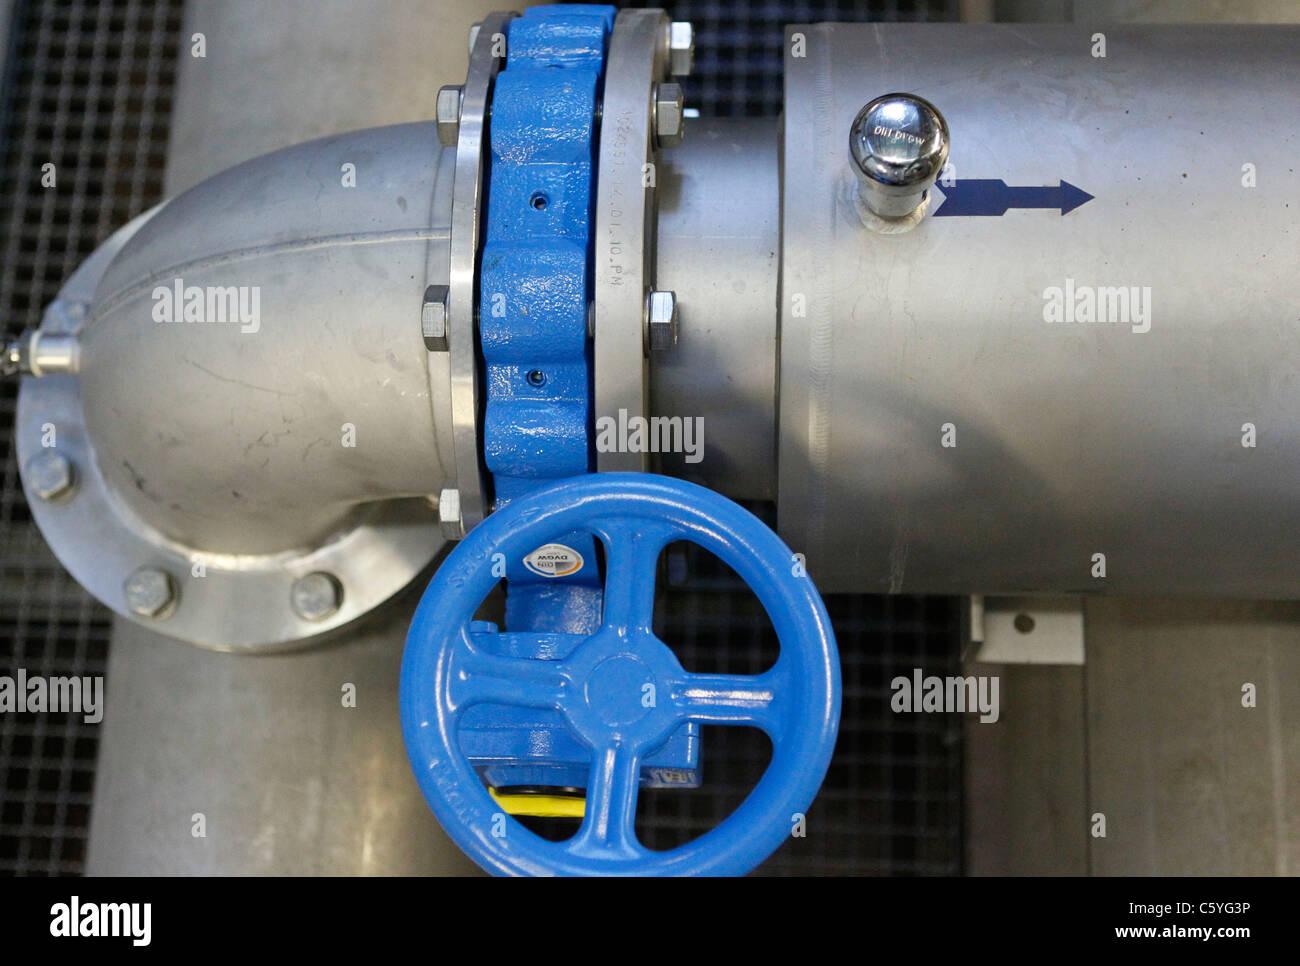 Water Tanks and Waterworks in Germany / Wasserwerk Leitzentrale / Wasserversorgung / Trinkwasser / 2011 / Mandoga Stock Photo